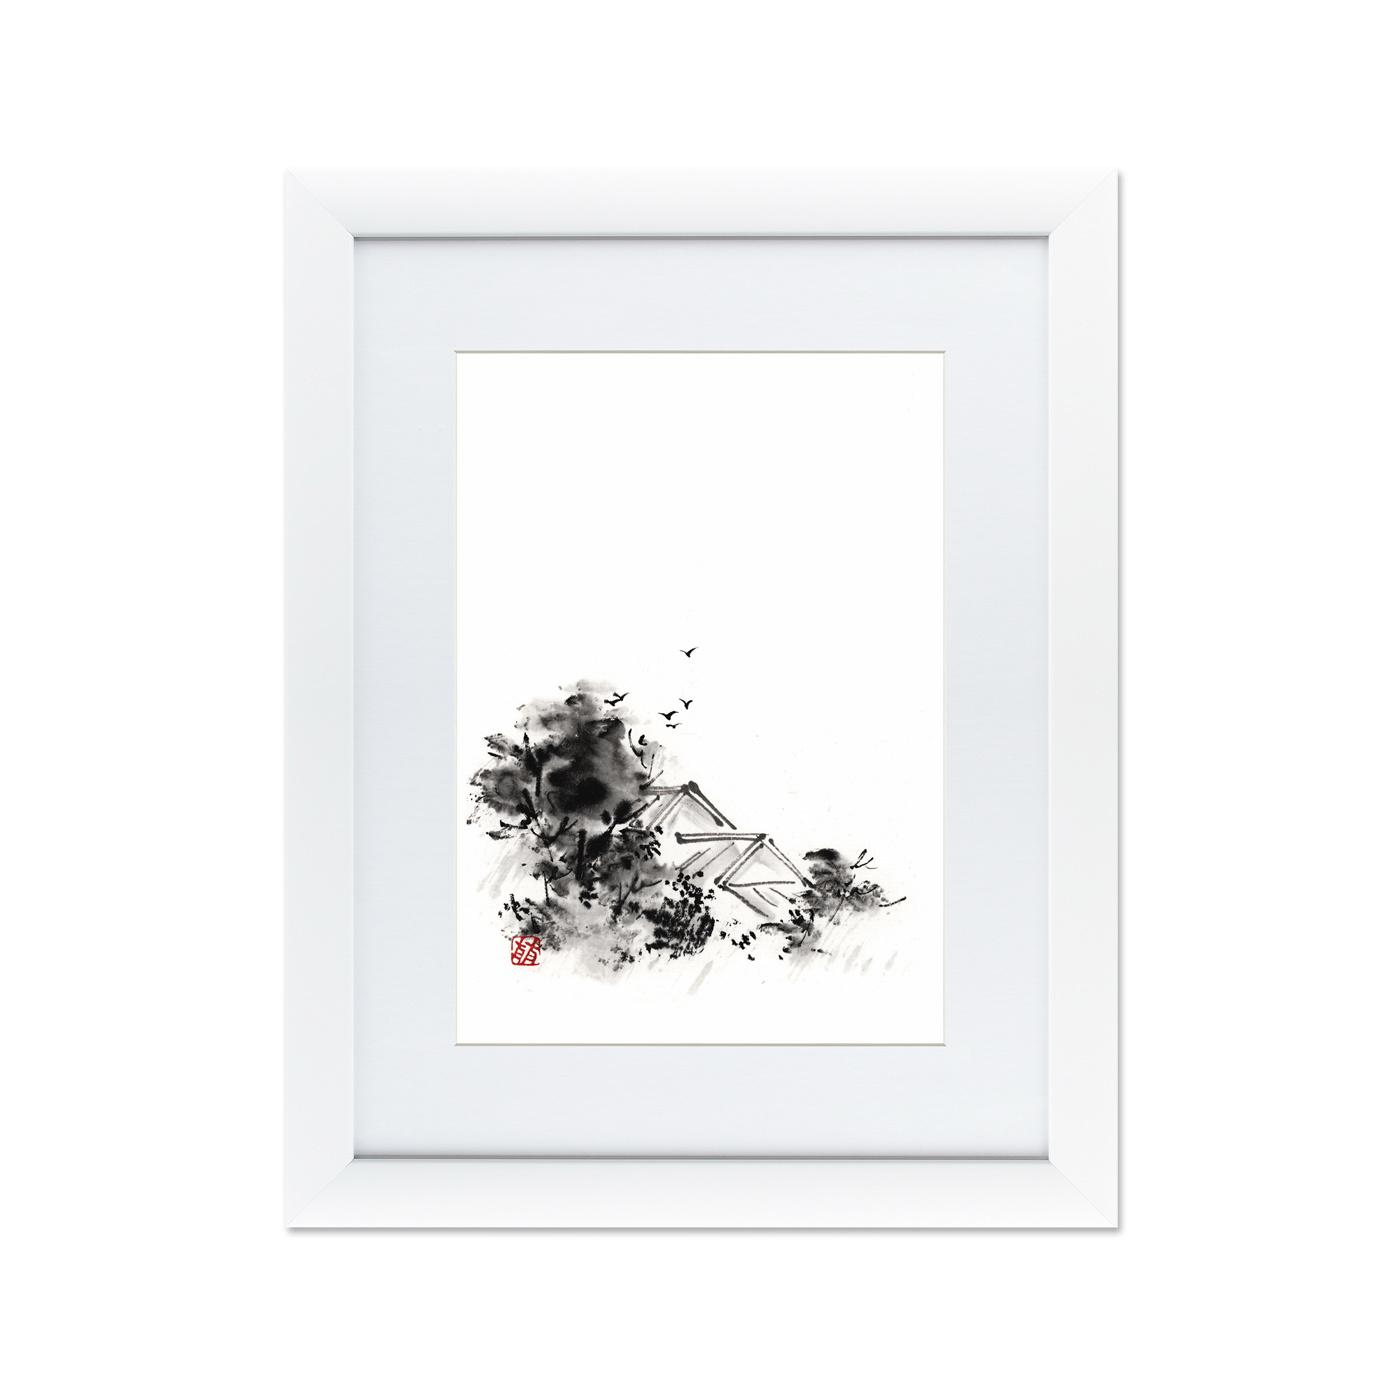 {} Картины в Квартиру Картина Японская Акварель Суми-э, №4 (47х60 см) картины в квартиру картина спил 2 47х60 см